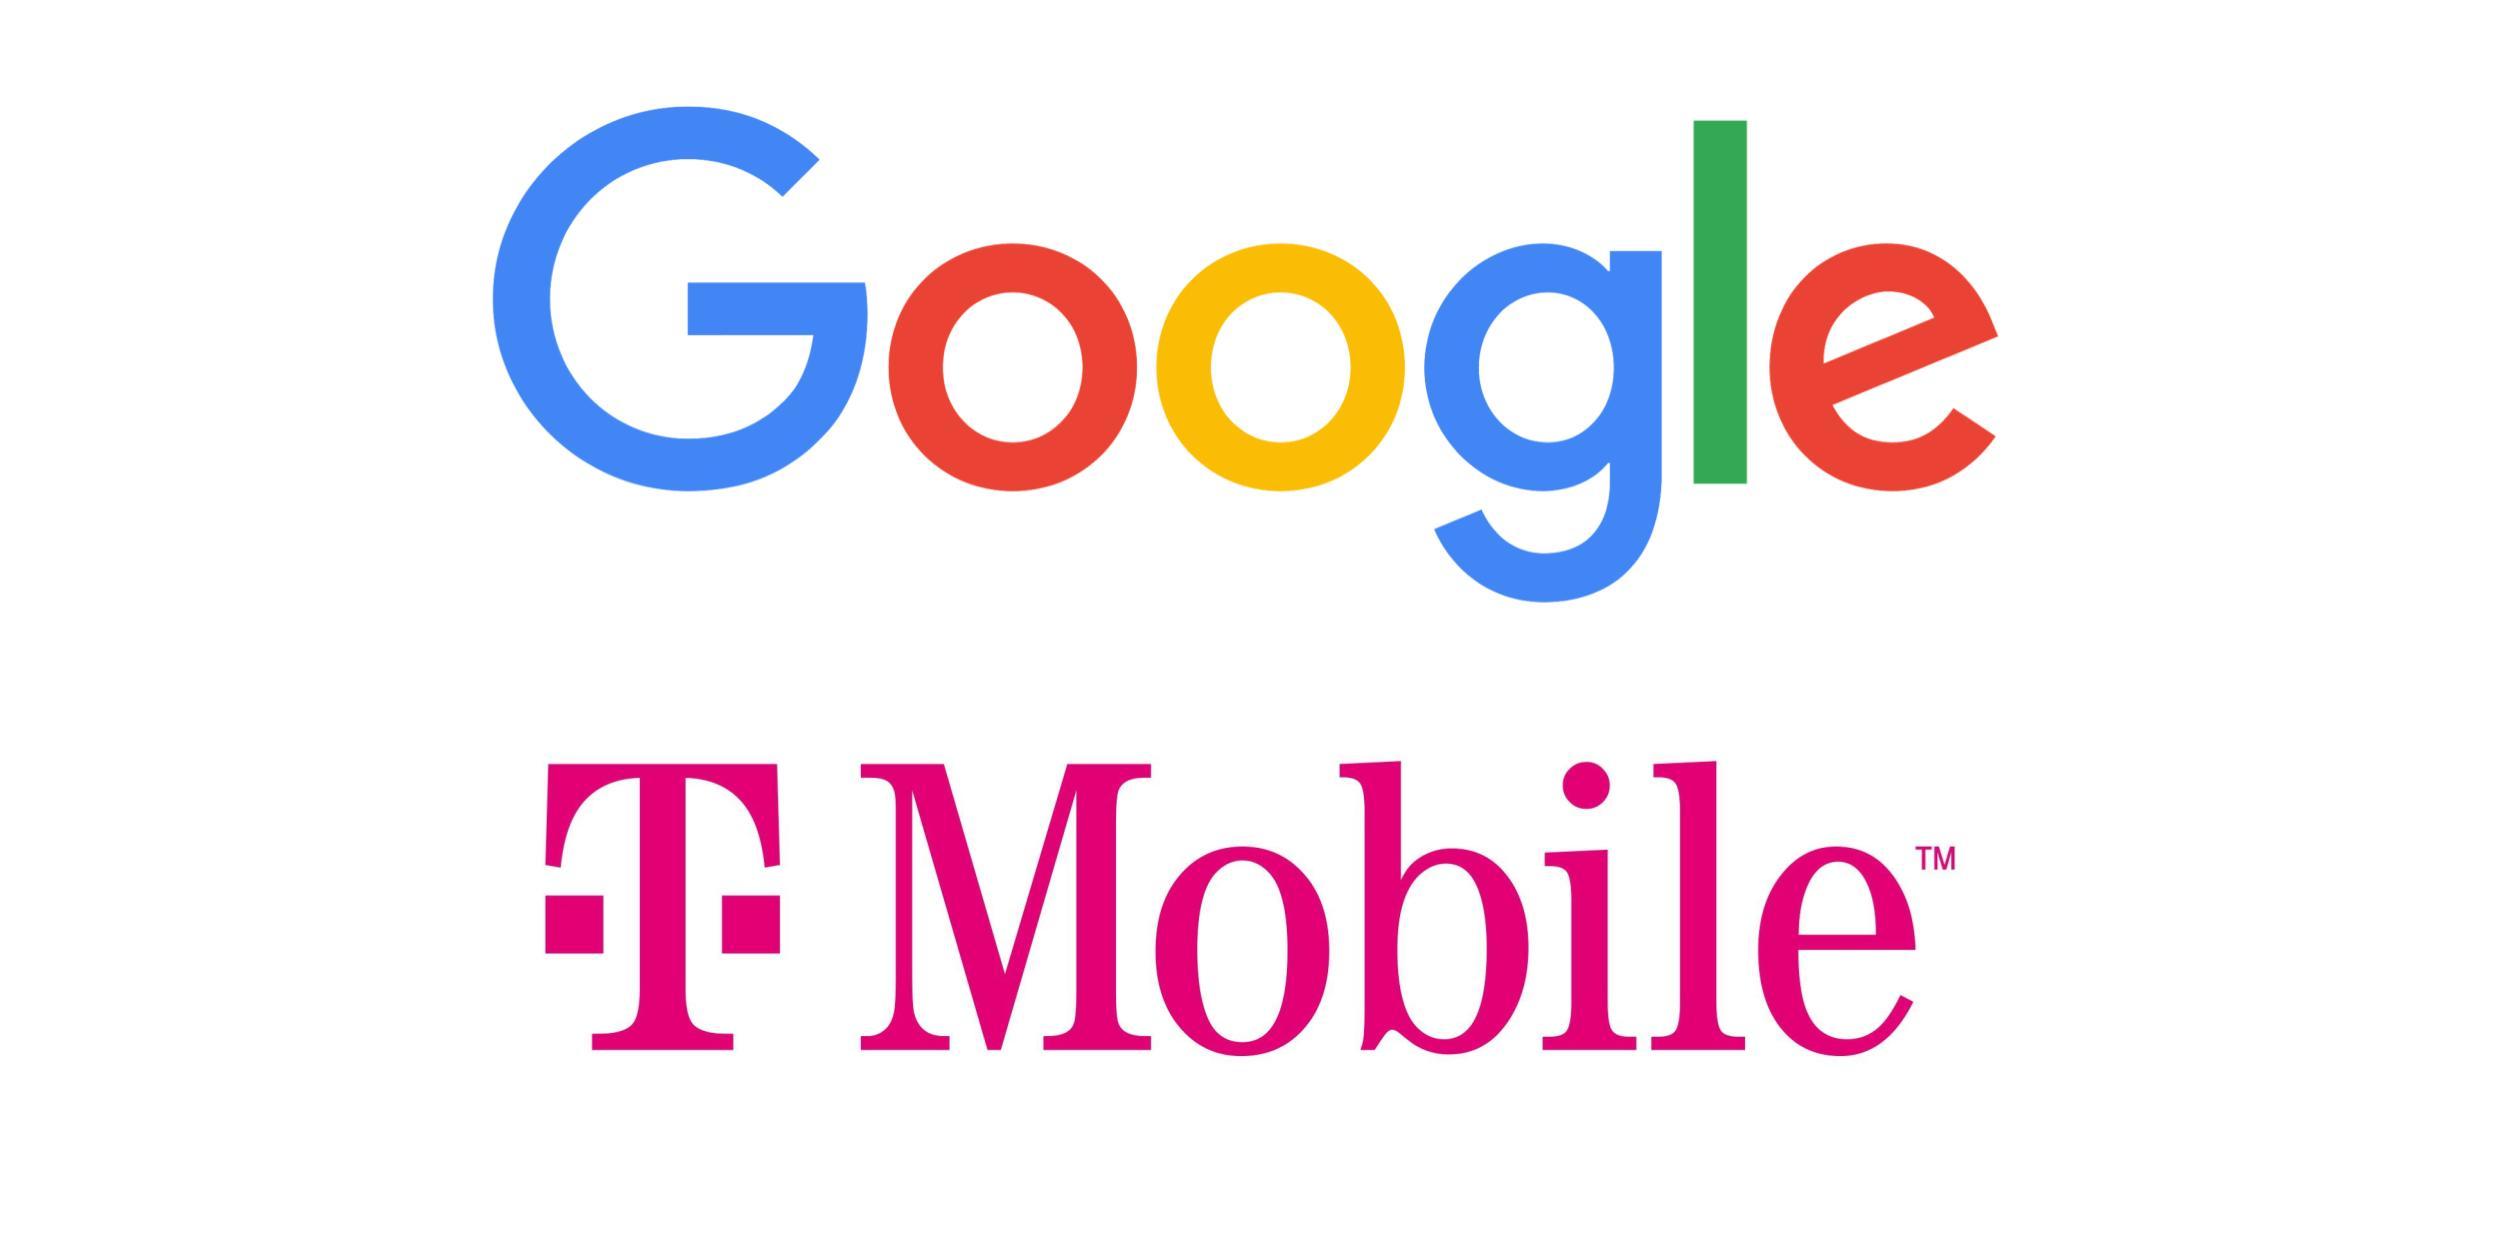 Google T-Mobile Partnership